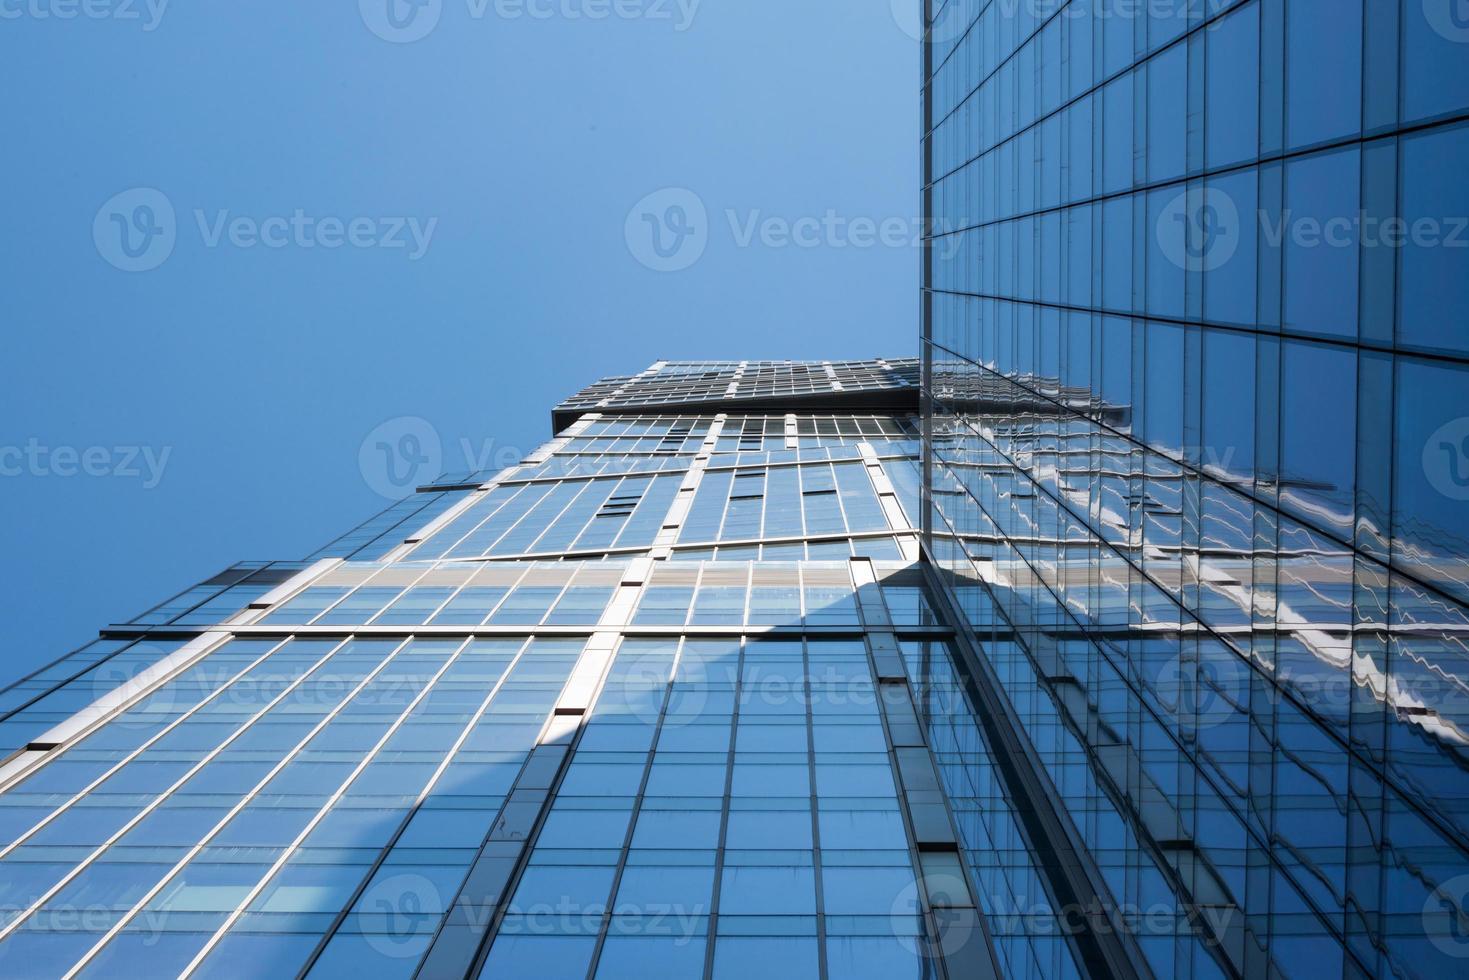 Hochhäuser auf blauem Himmel, Ansicht von unten foto